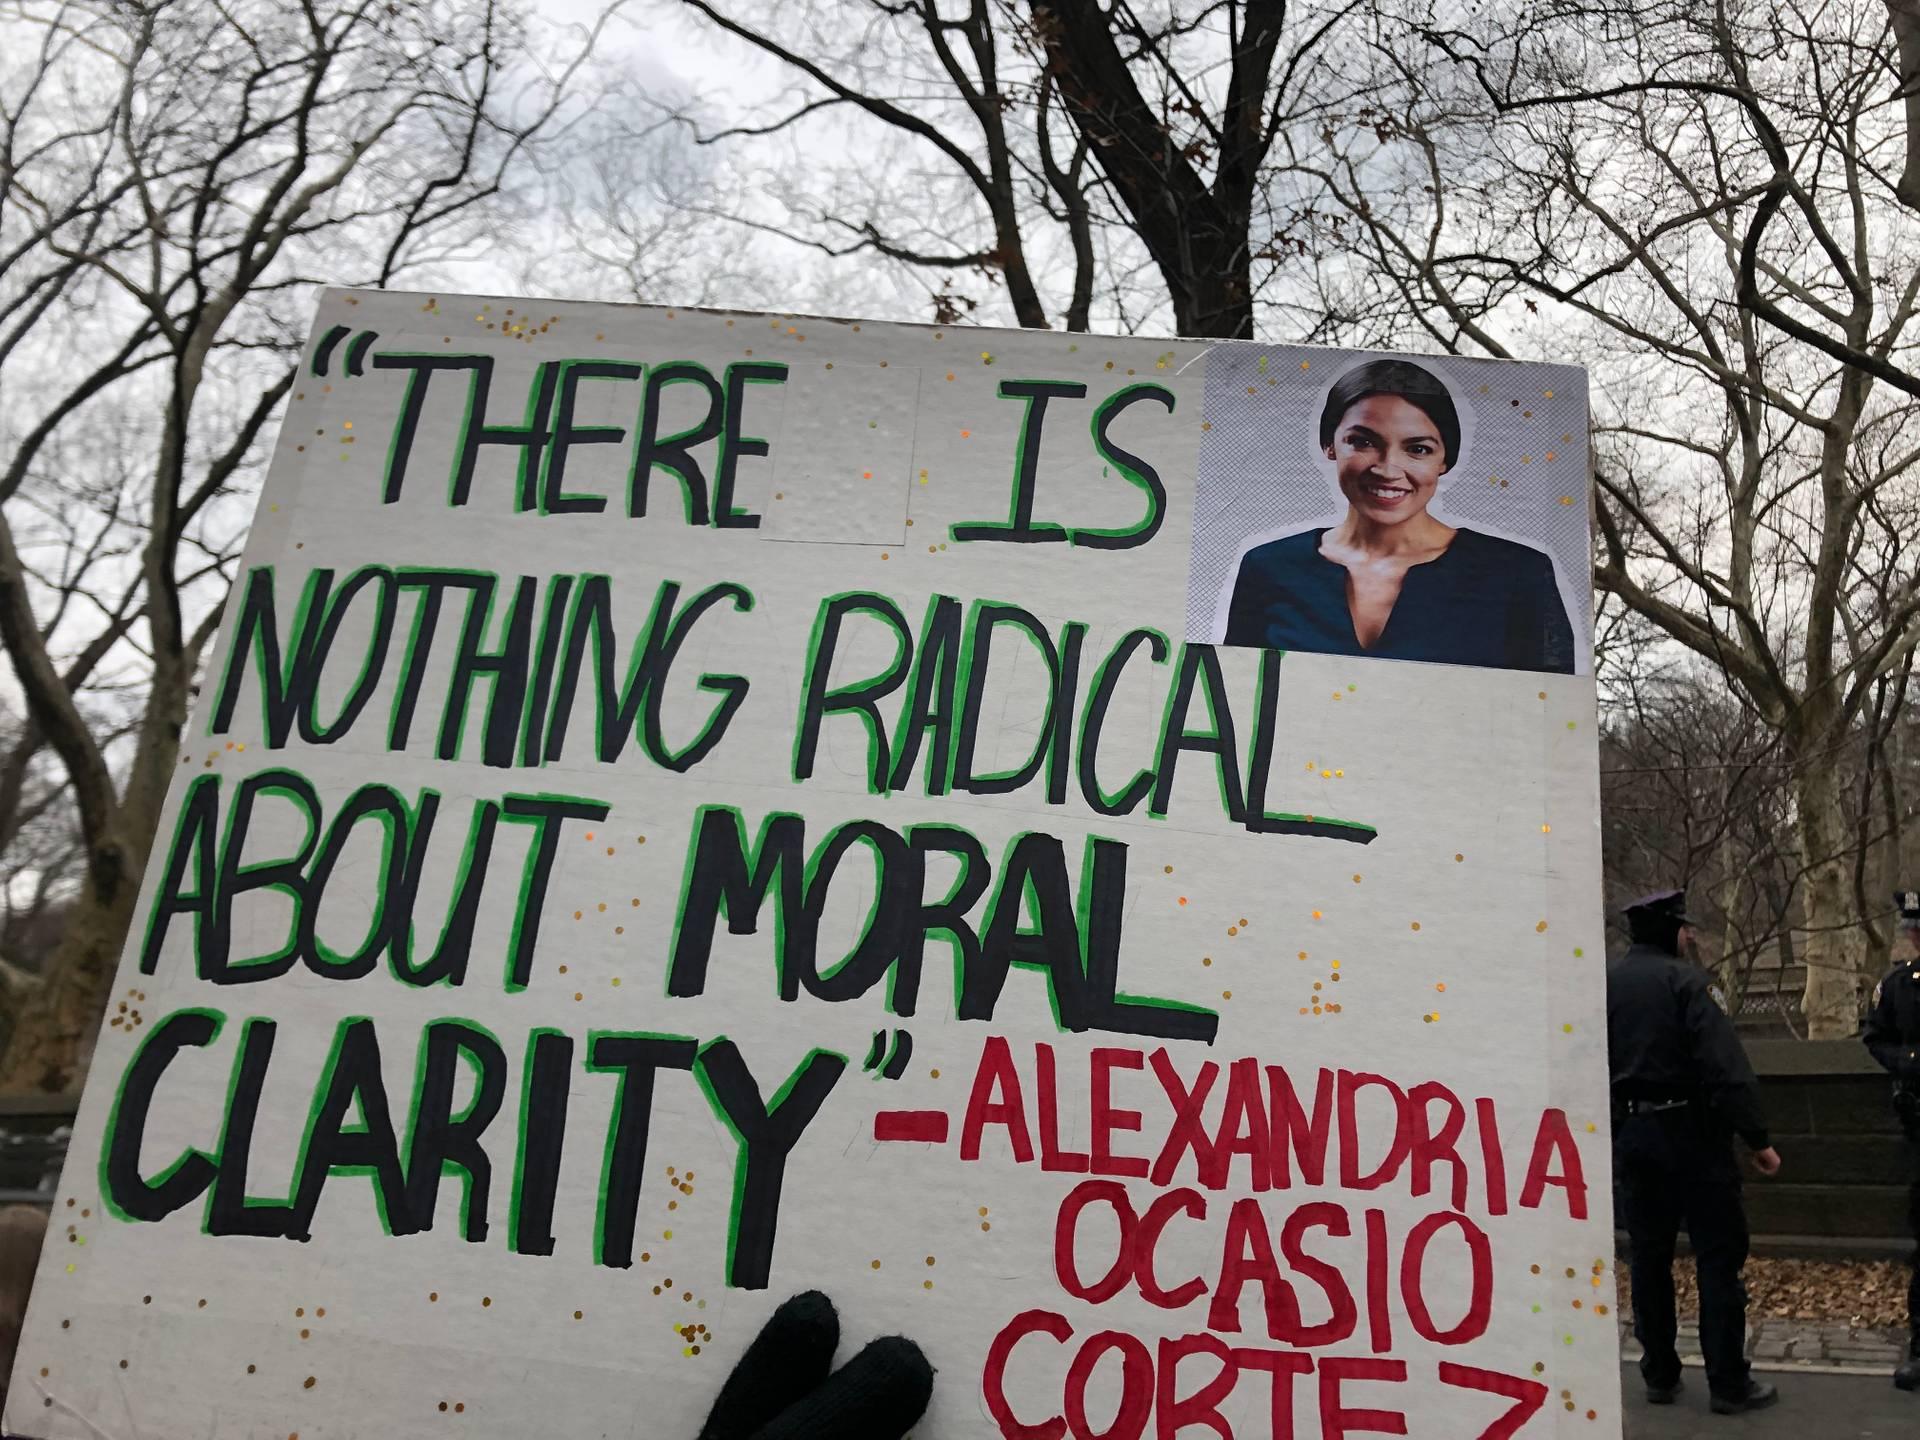 There is nothing radical about moral clarity Alexandria Ocasio Cortez «Немає нічого радикального в моральній ясності» — цитата Конгресменки Александрії Окасії-Кортес. Республіканскі ЗМІ висміюють те, що Кортез не може собі дозволити квартиру у Вашингтоні, куди переїхала. Тоді як дівчина враз стала улюбленою гостею найзнаменитіших медіа, що критикують Трампа, і героїнею найпопулярнішого сатиричного шоу Saturday Night Live, де політиків грають голівудські зірки.